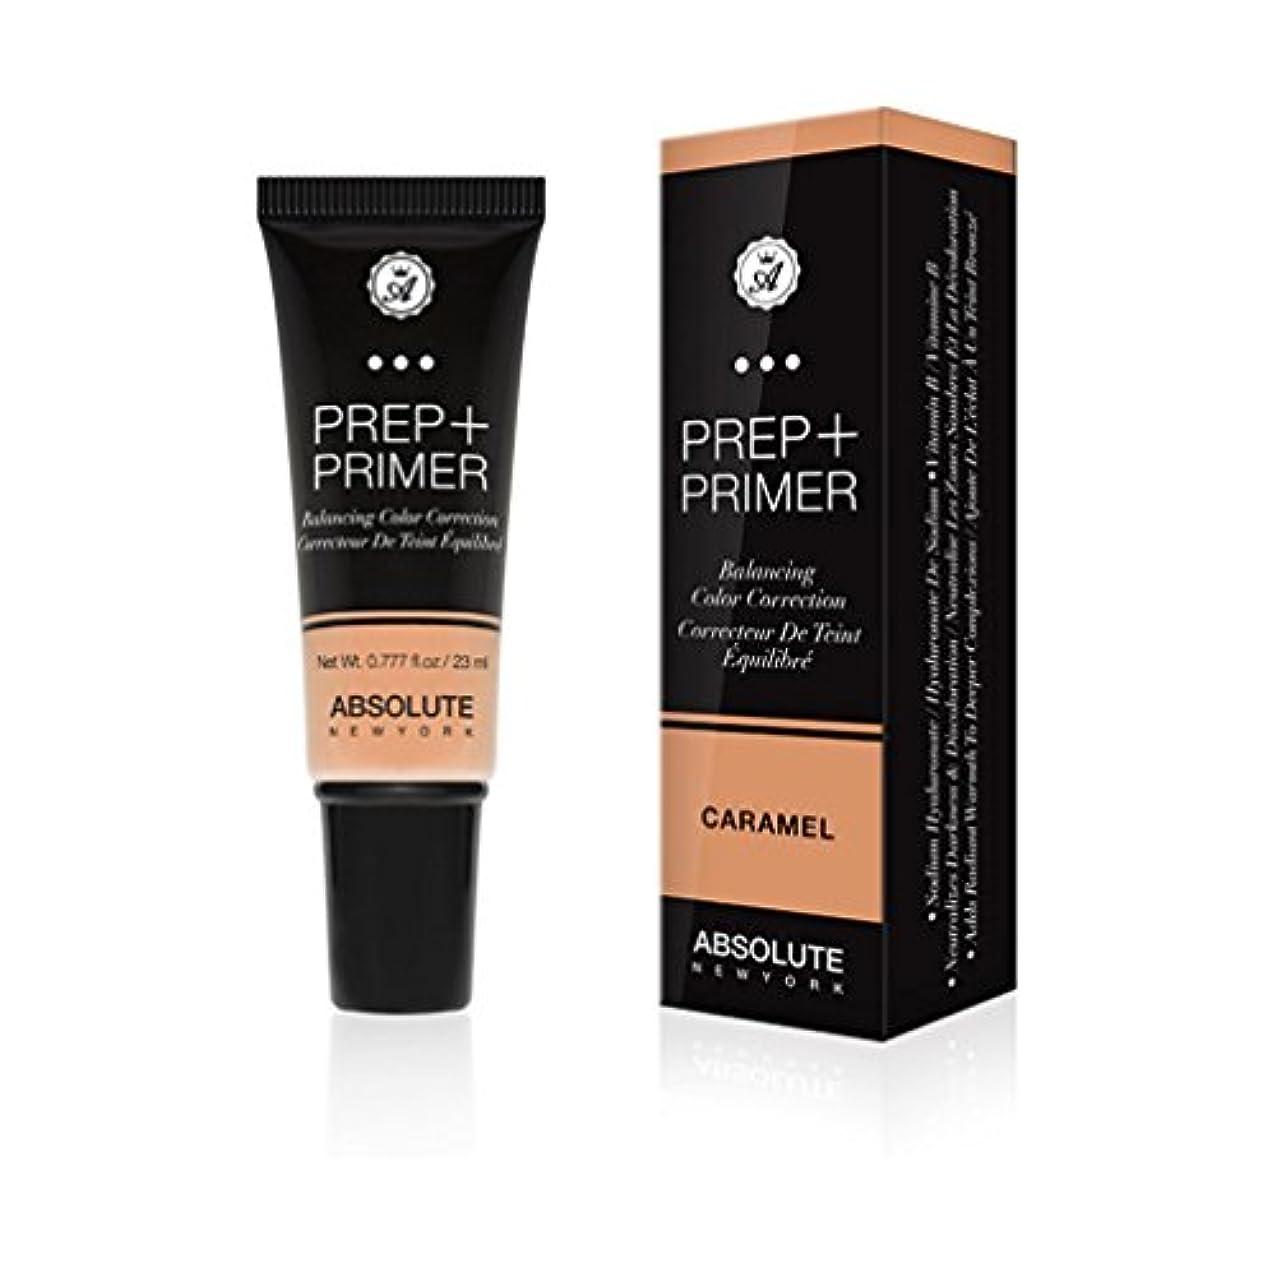 フェリー阻害するシソーラス(6 Pack) ABSOLUTE Prep + Primer - Caramel (並行輸入品)